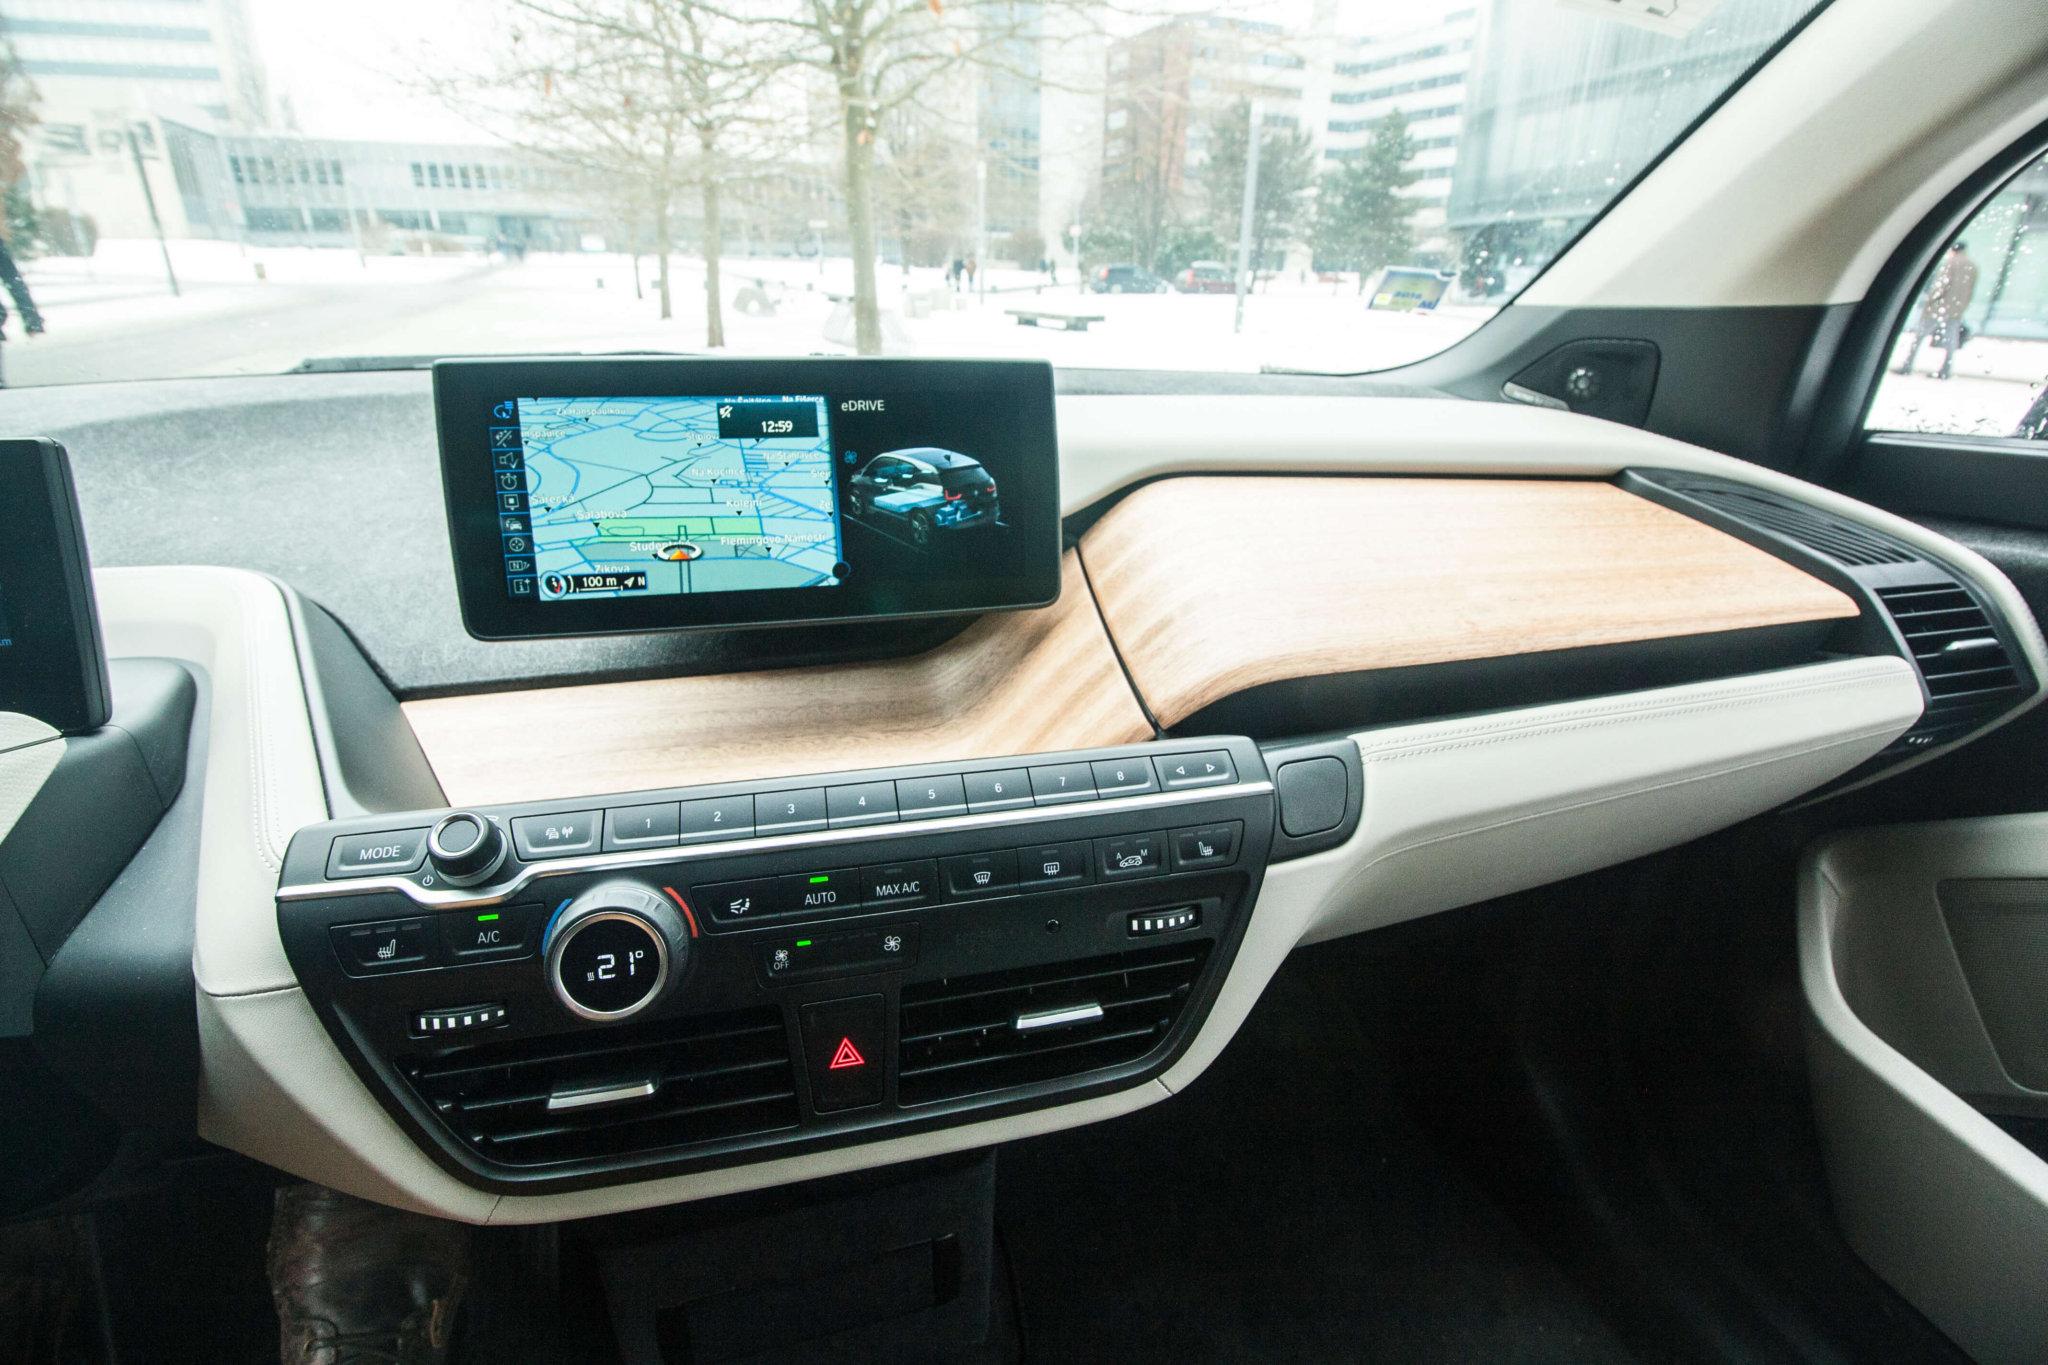 Displej iDrive BMW i3, foto: Tomáš Jirka pro oEnergetice.cz